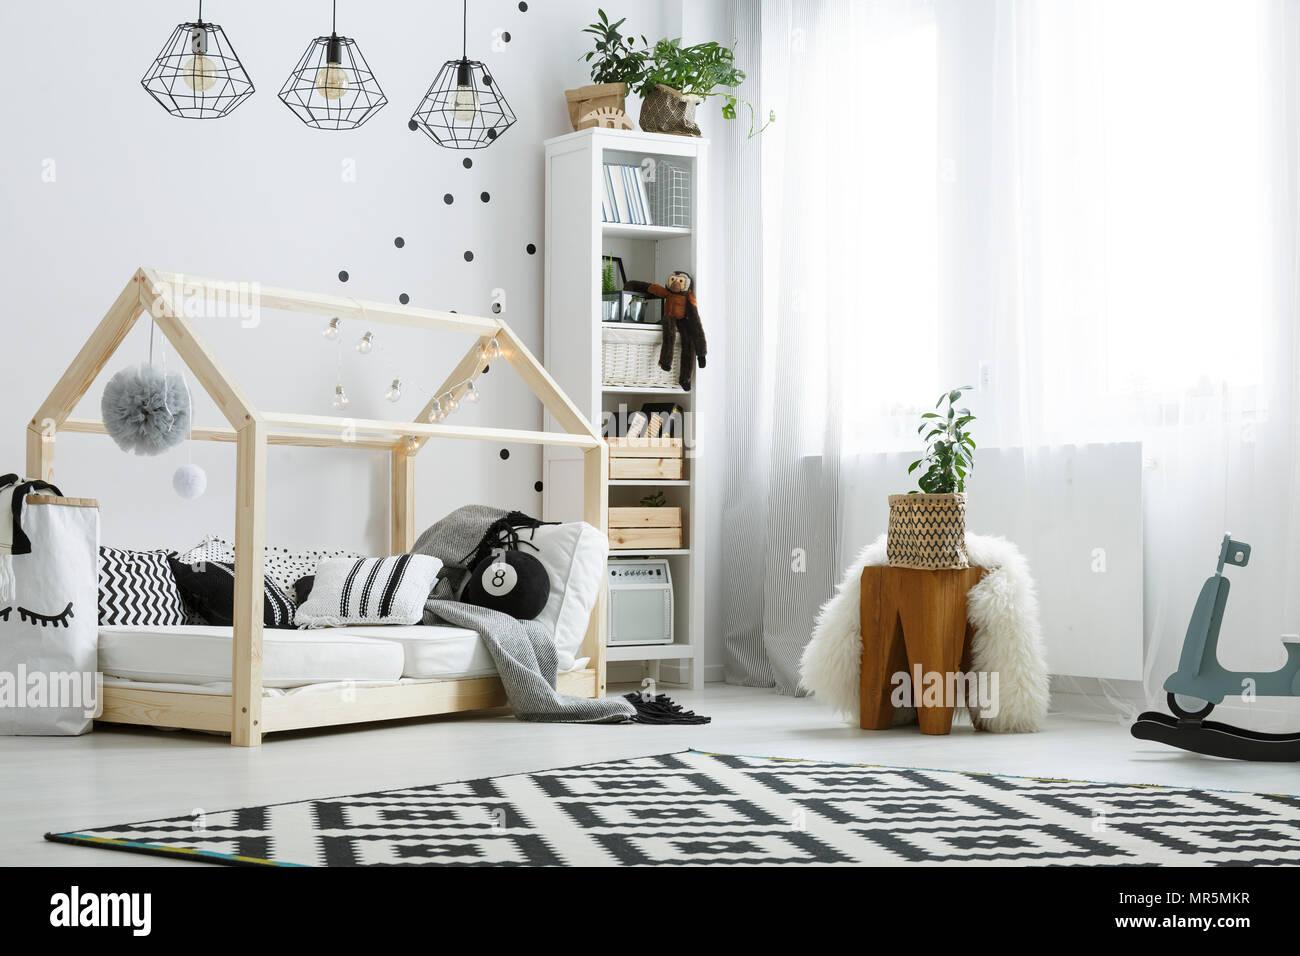 Weiß Schlafzimmer mit Holz- House Bed, Lampen, Bücherregal ...